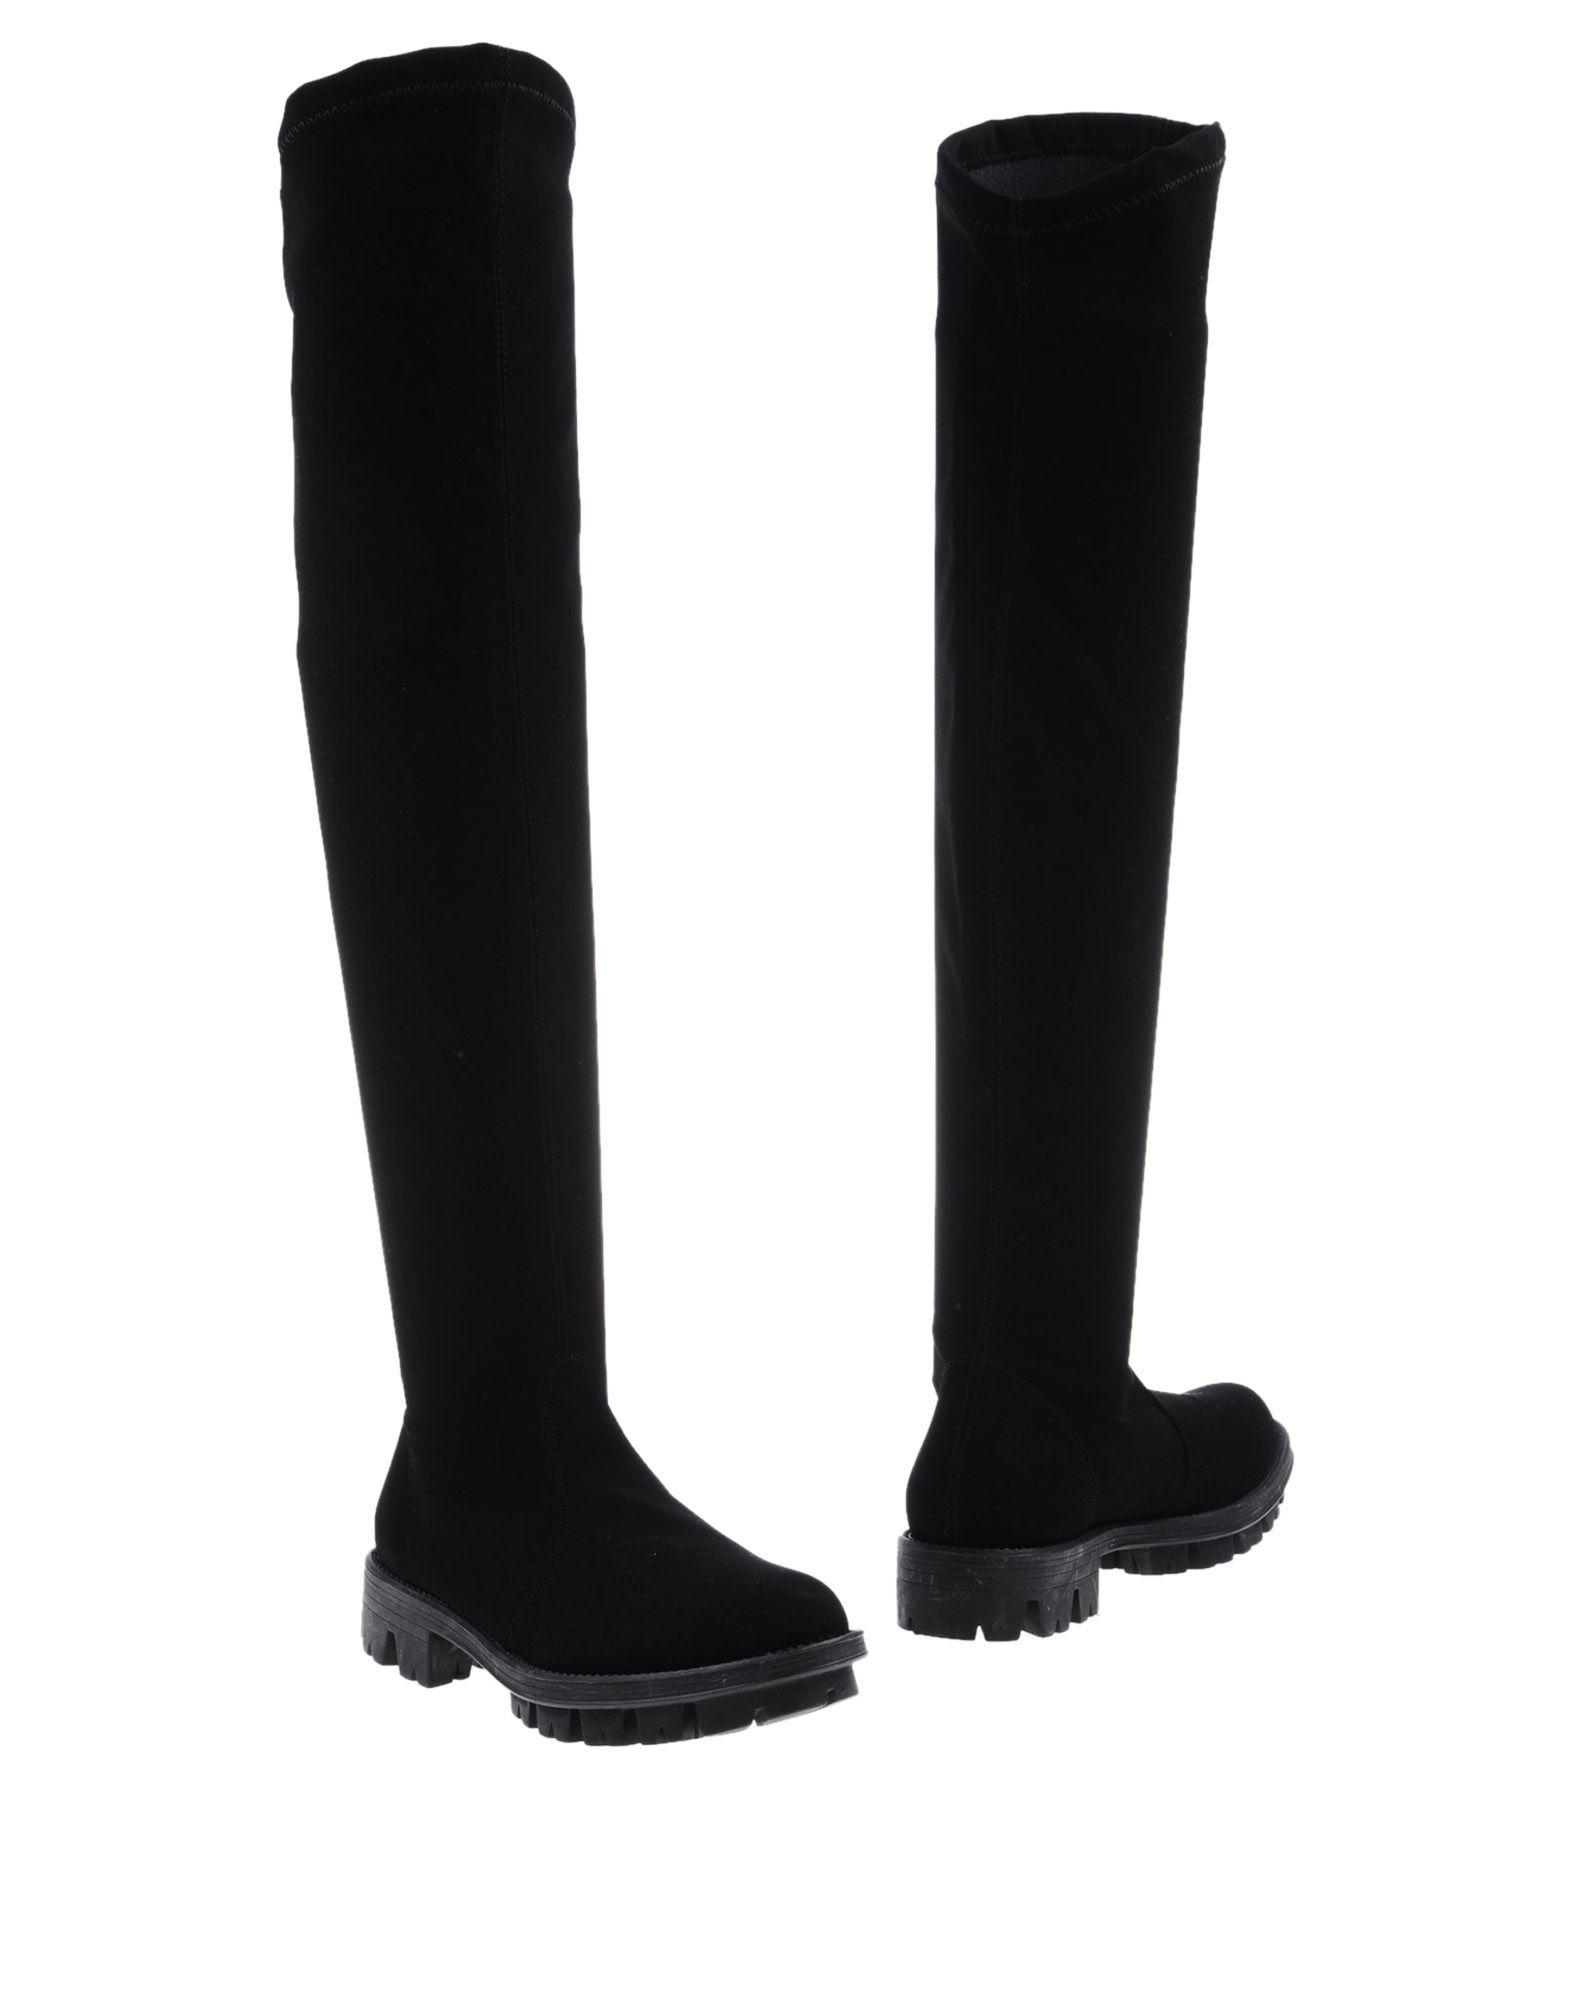 Nr Rapisardi Stiefel Damen  11047943OW Gute Qualität beliebte Schuhe